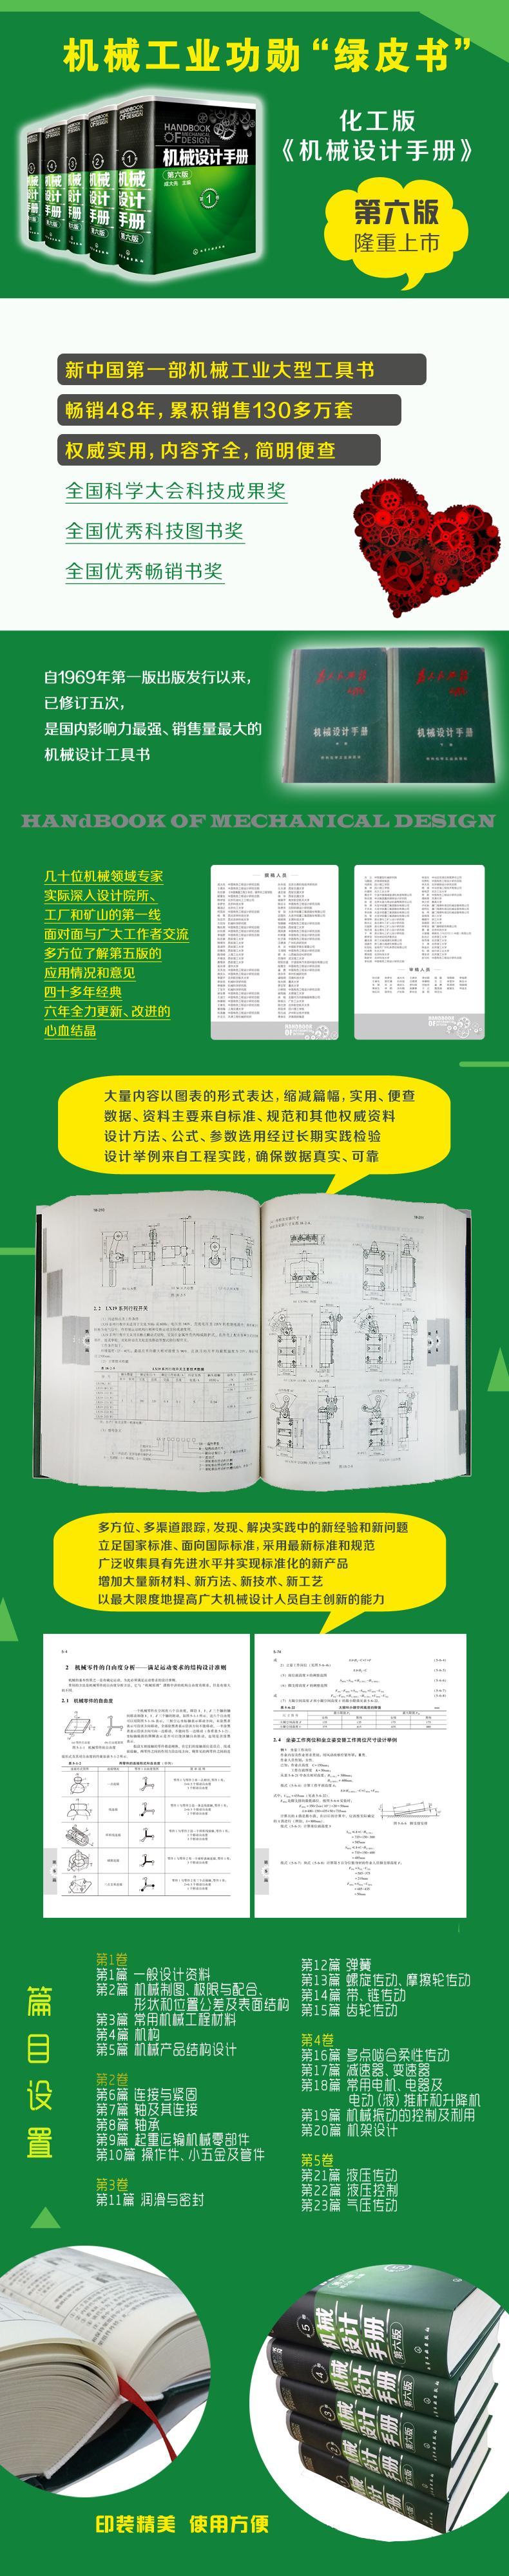 《机械设计手册(第6版)第2卷